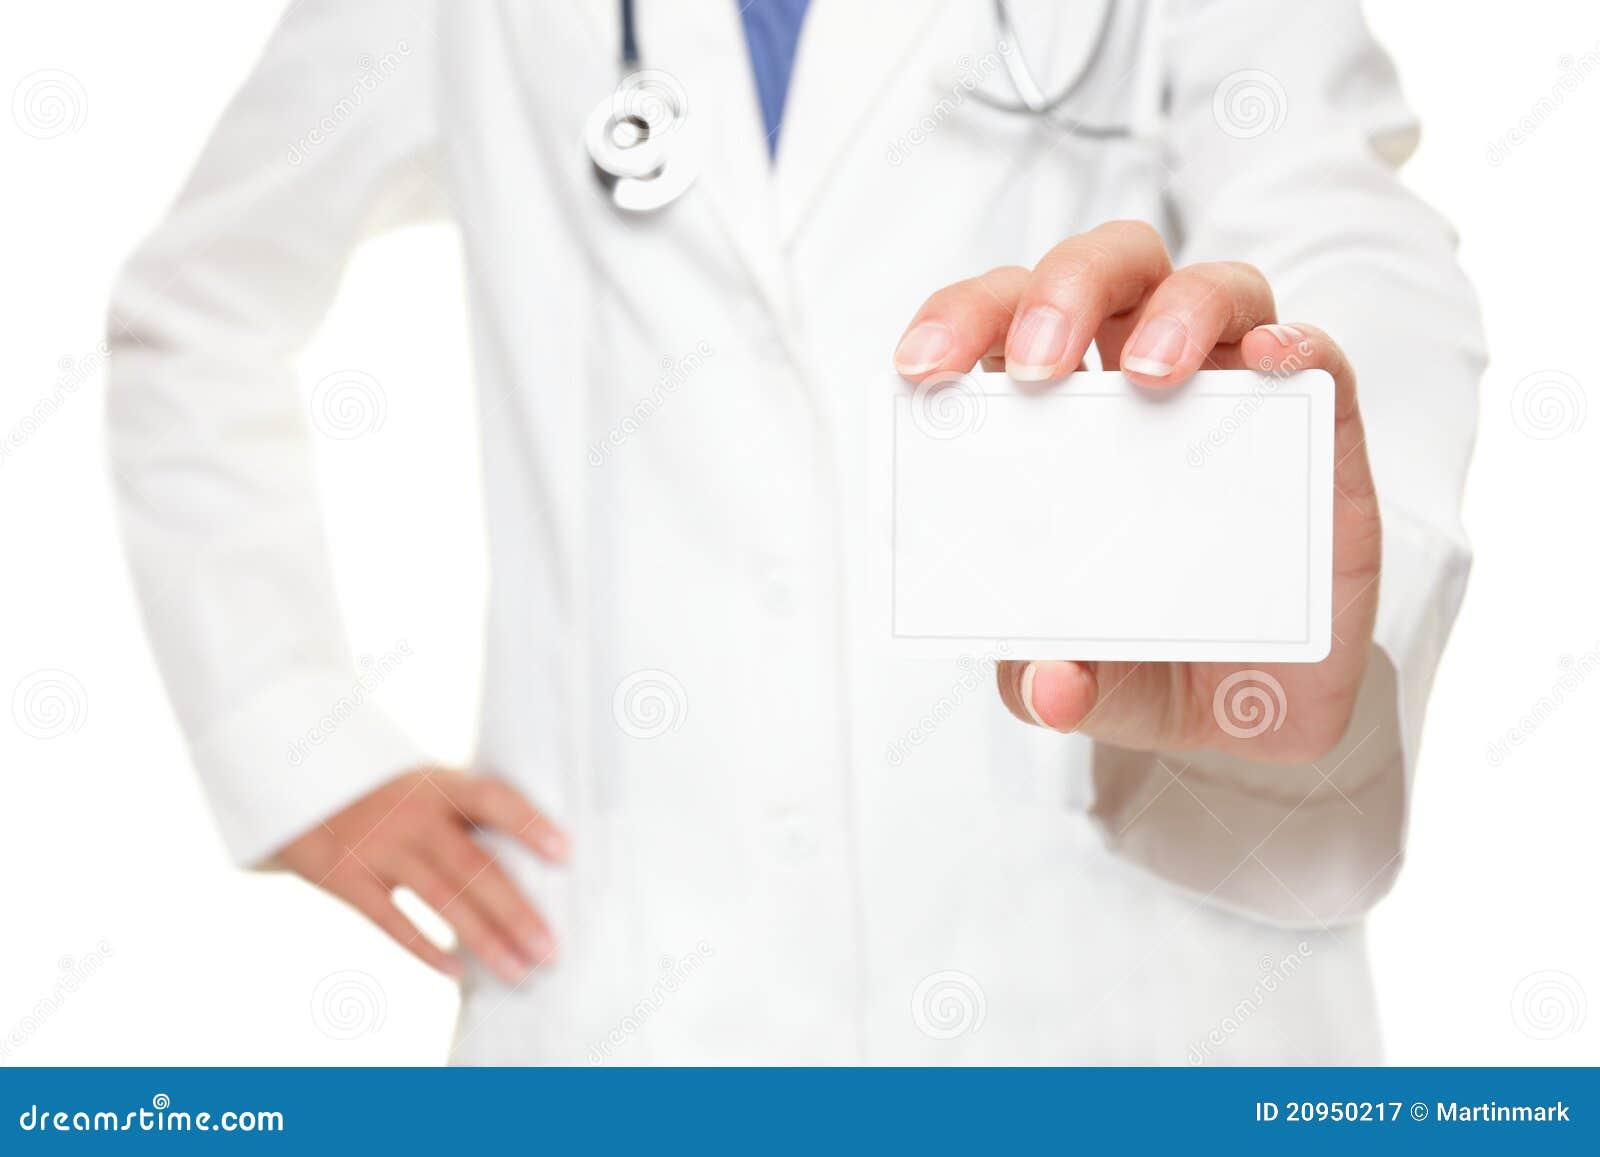 Wizytówka znak doktorski medyczny